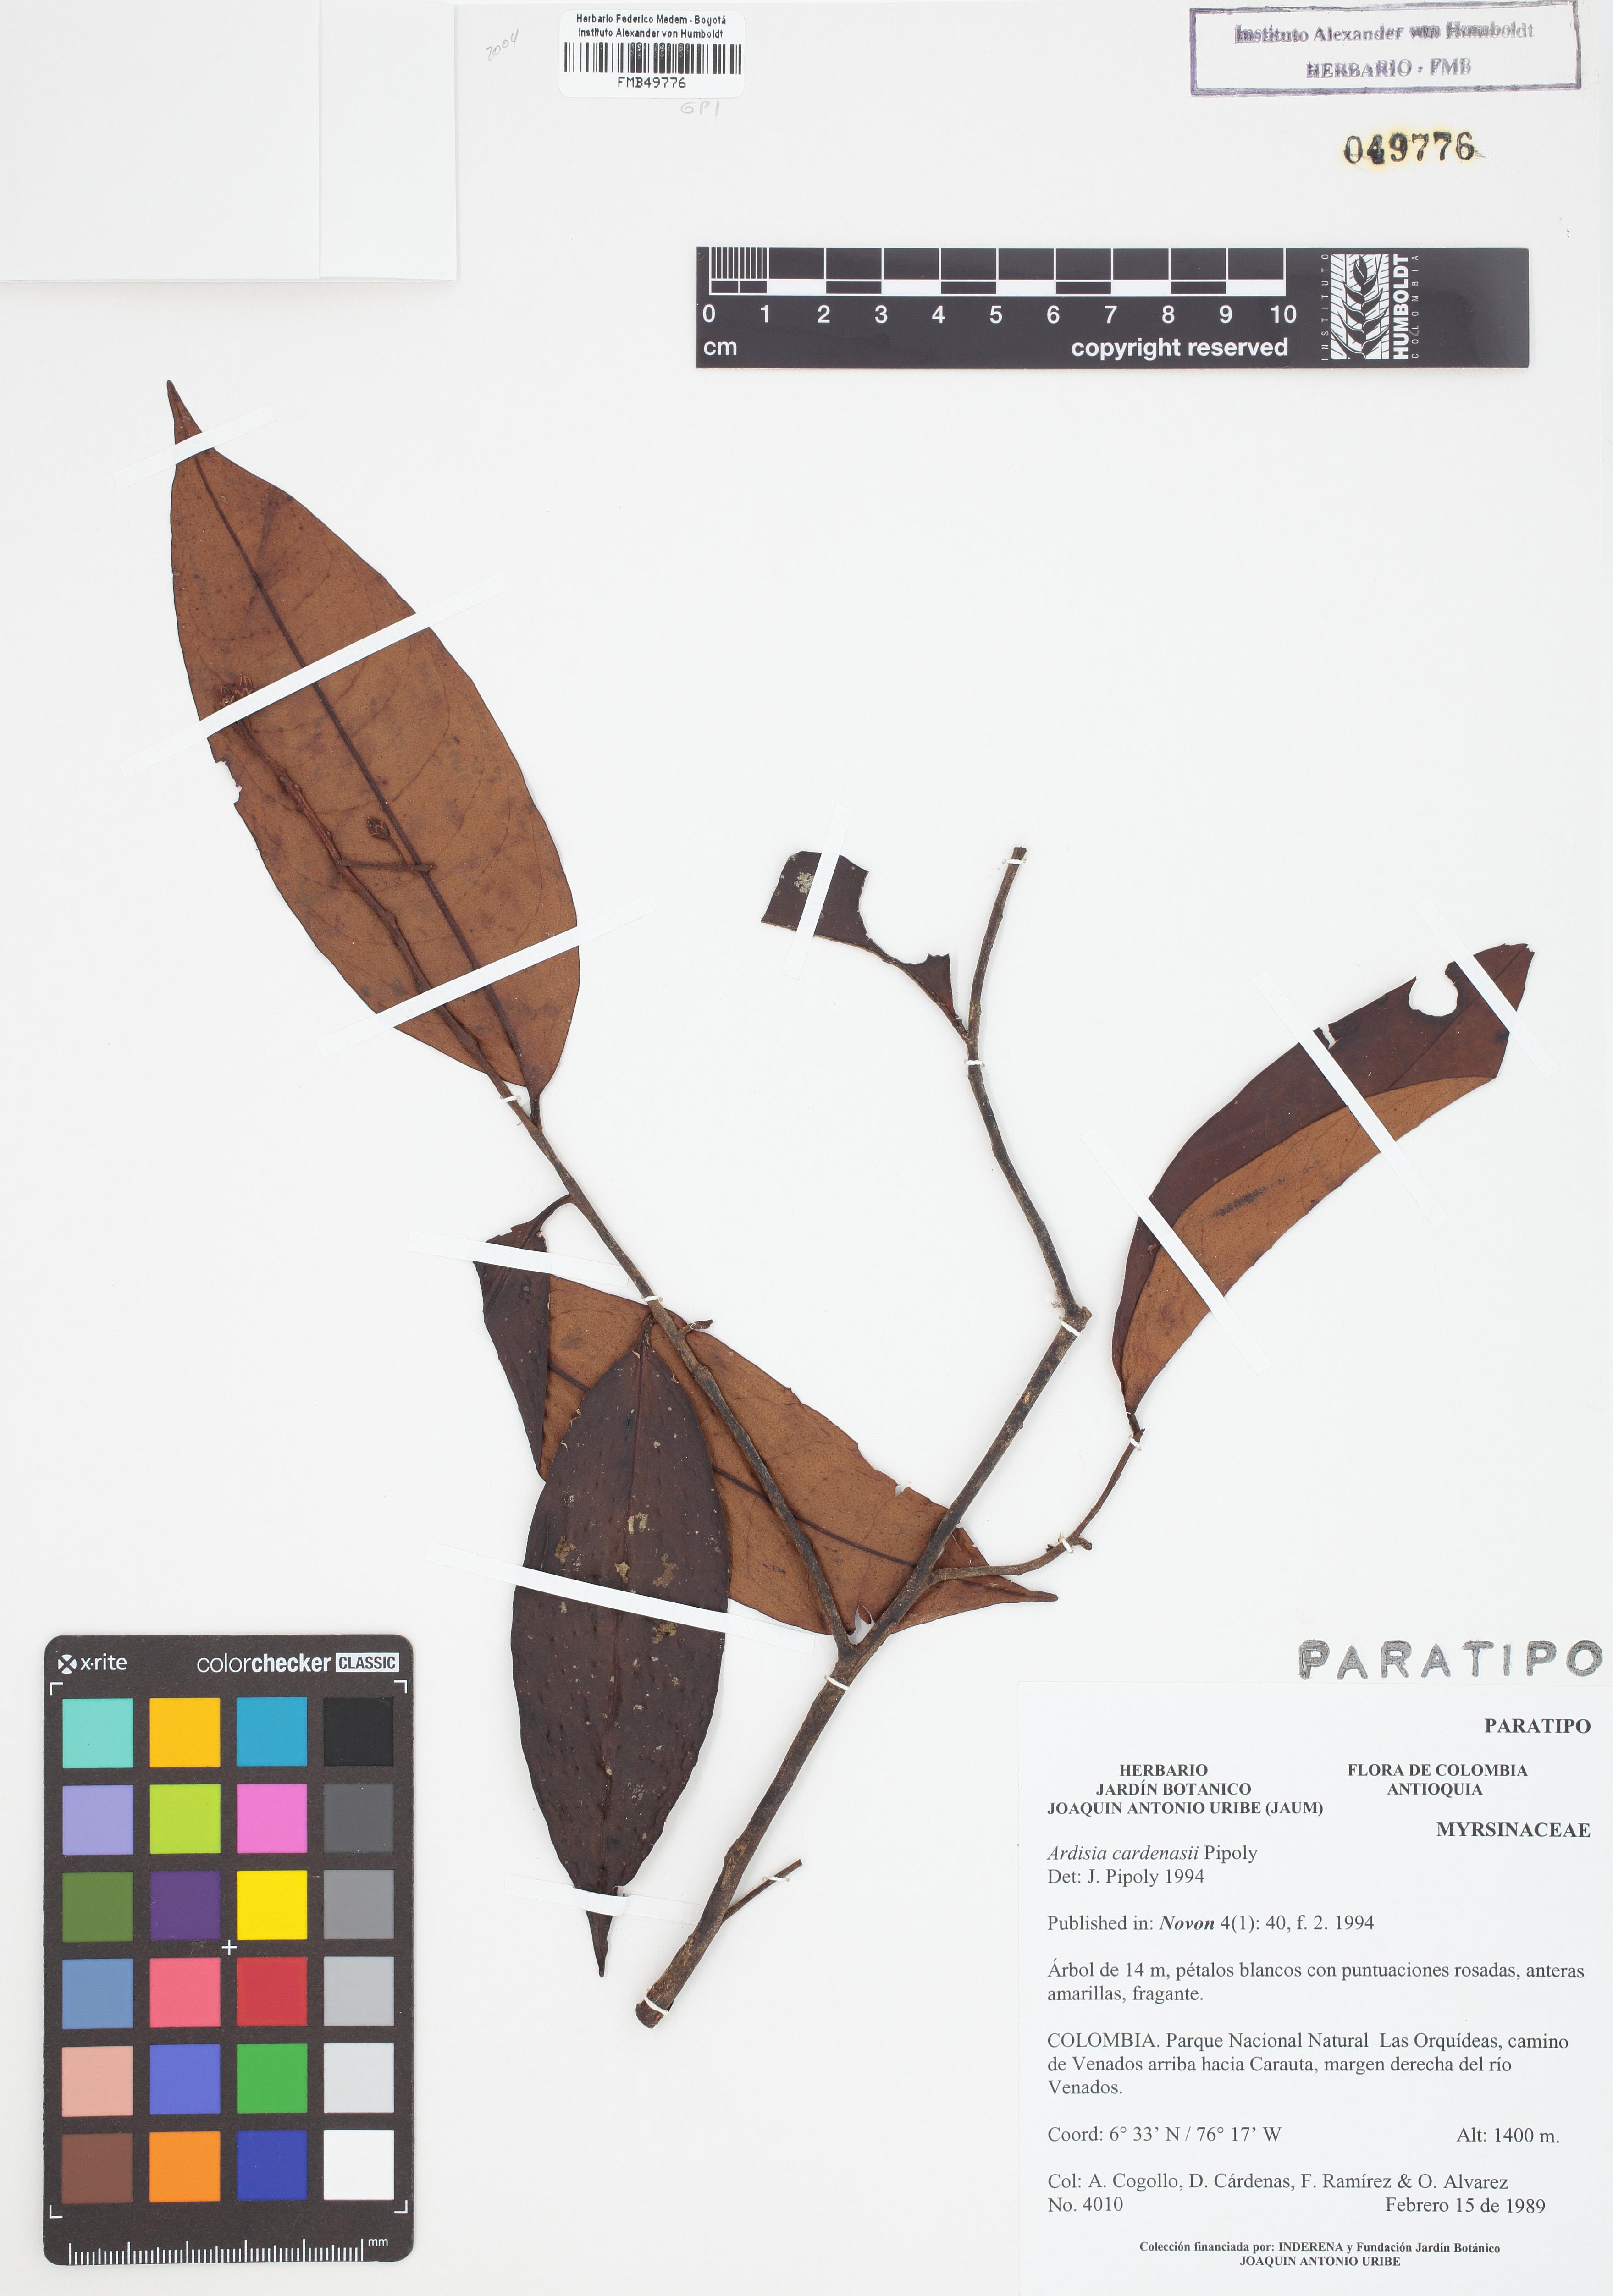 Paratipo de <em>Ardisia cardenasii</em>, FMB-49776, Fotografía por Robles A.